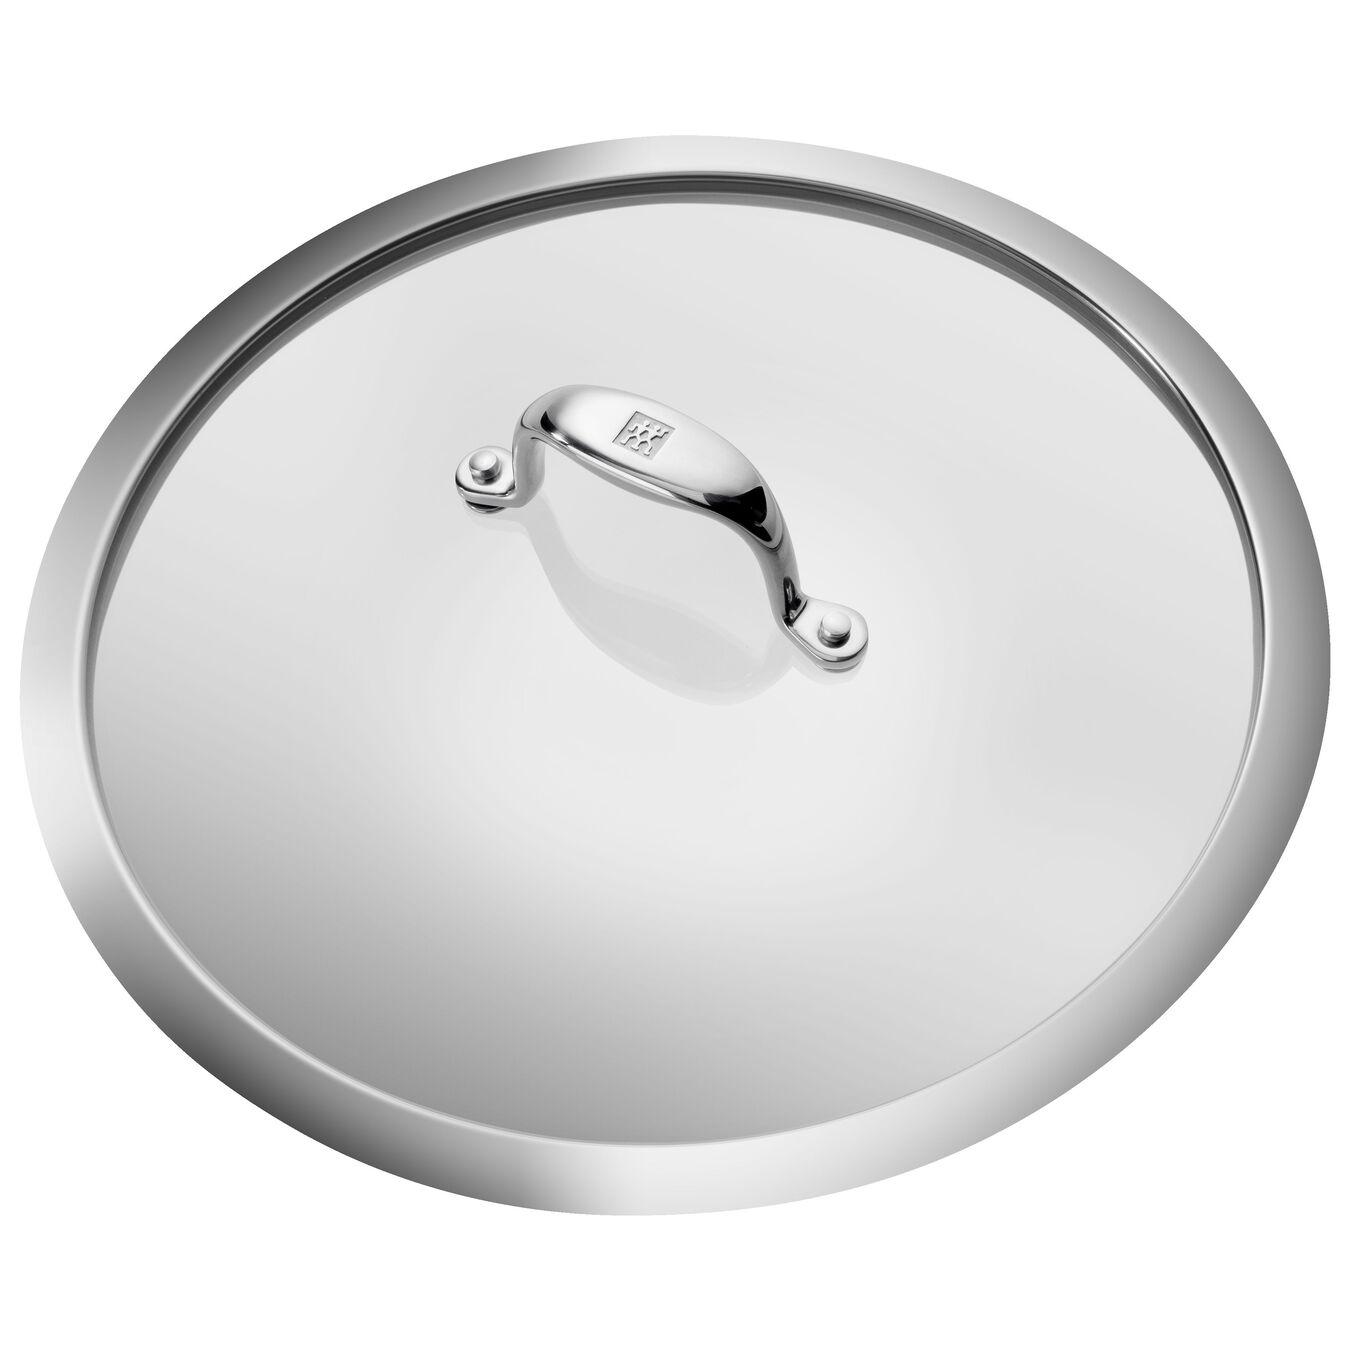 Pentola - 28 cm, alluminio, Duraslide Ti-X,,large 6